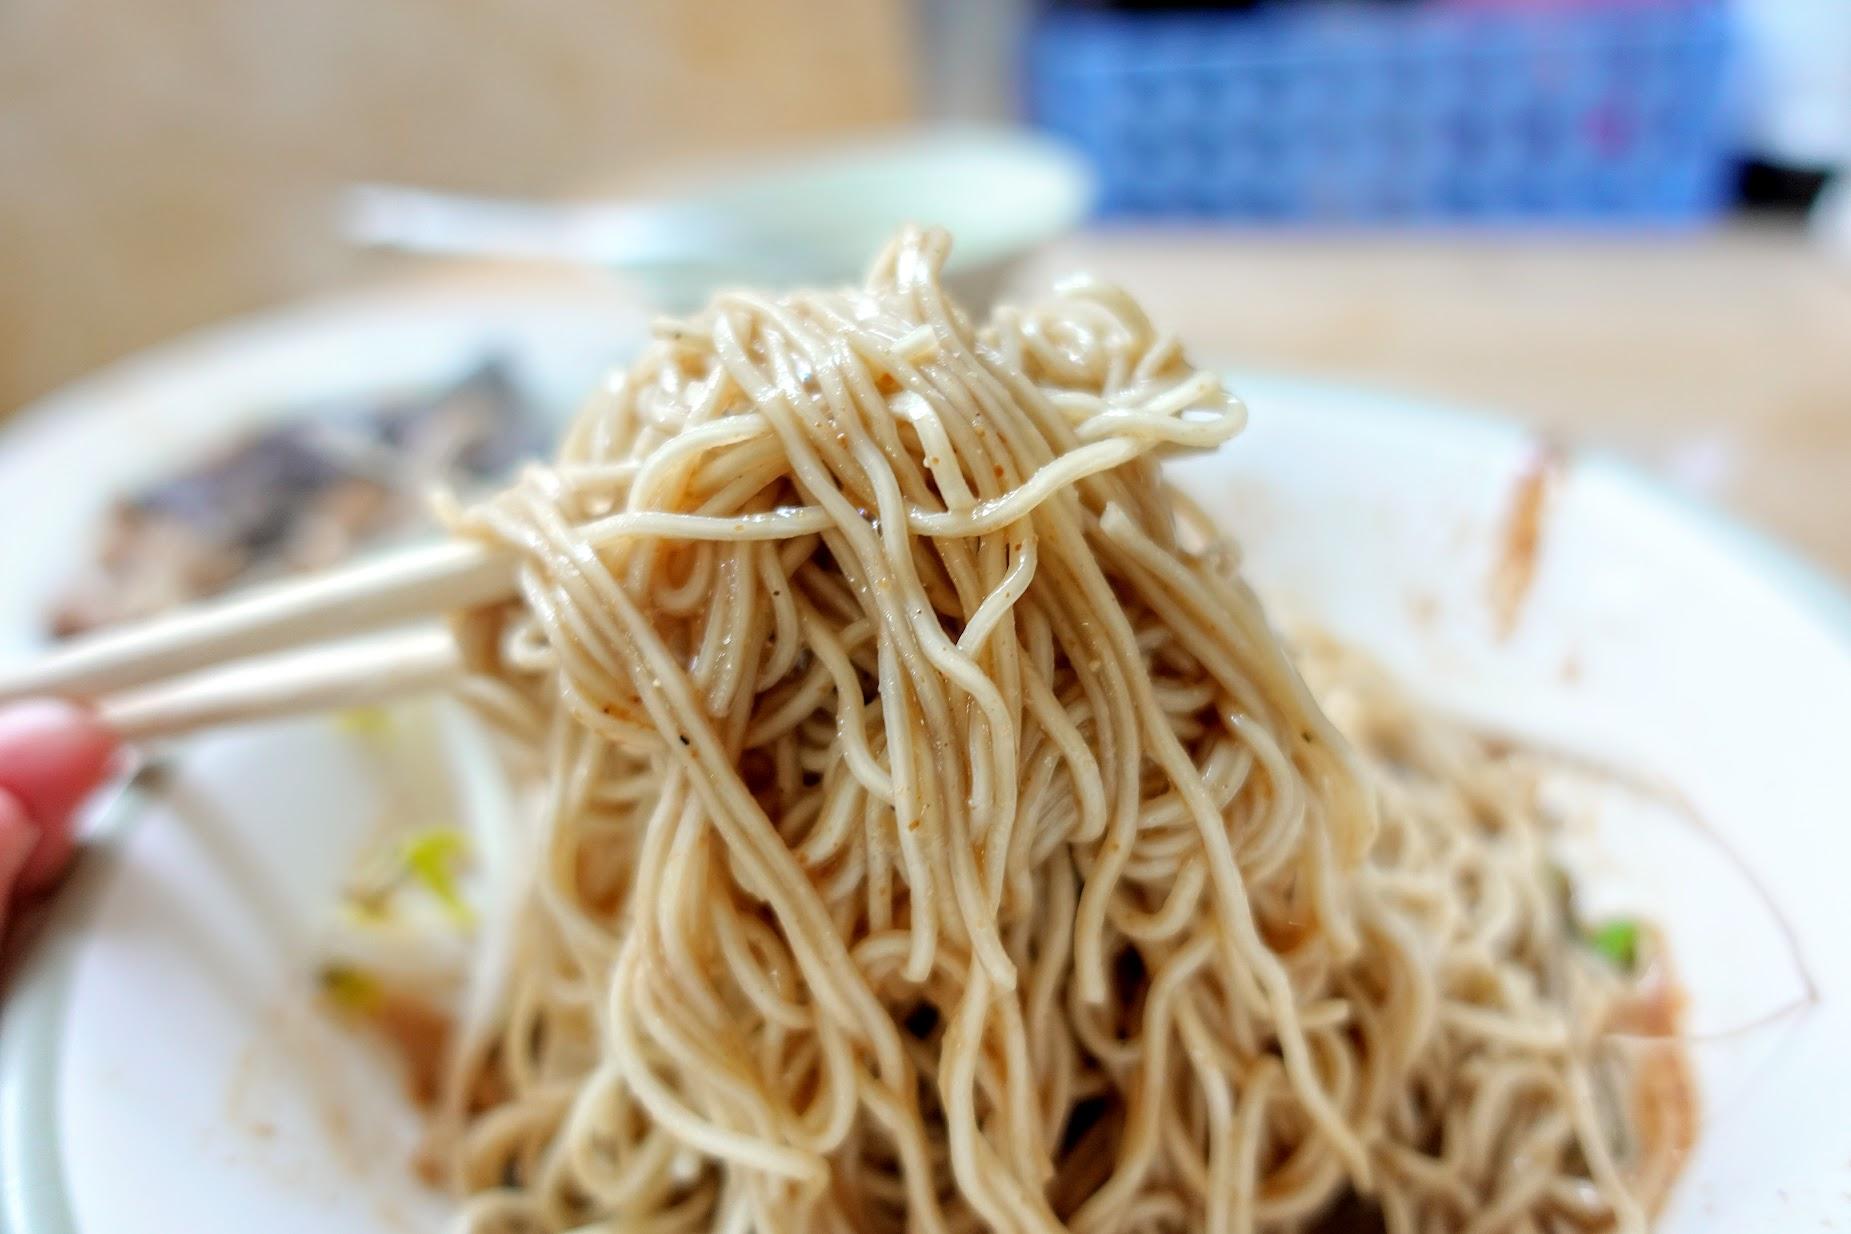 麵條都有吸附湯汁,吃起來還ok,只是吃完後還蠻口乾舌燥的